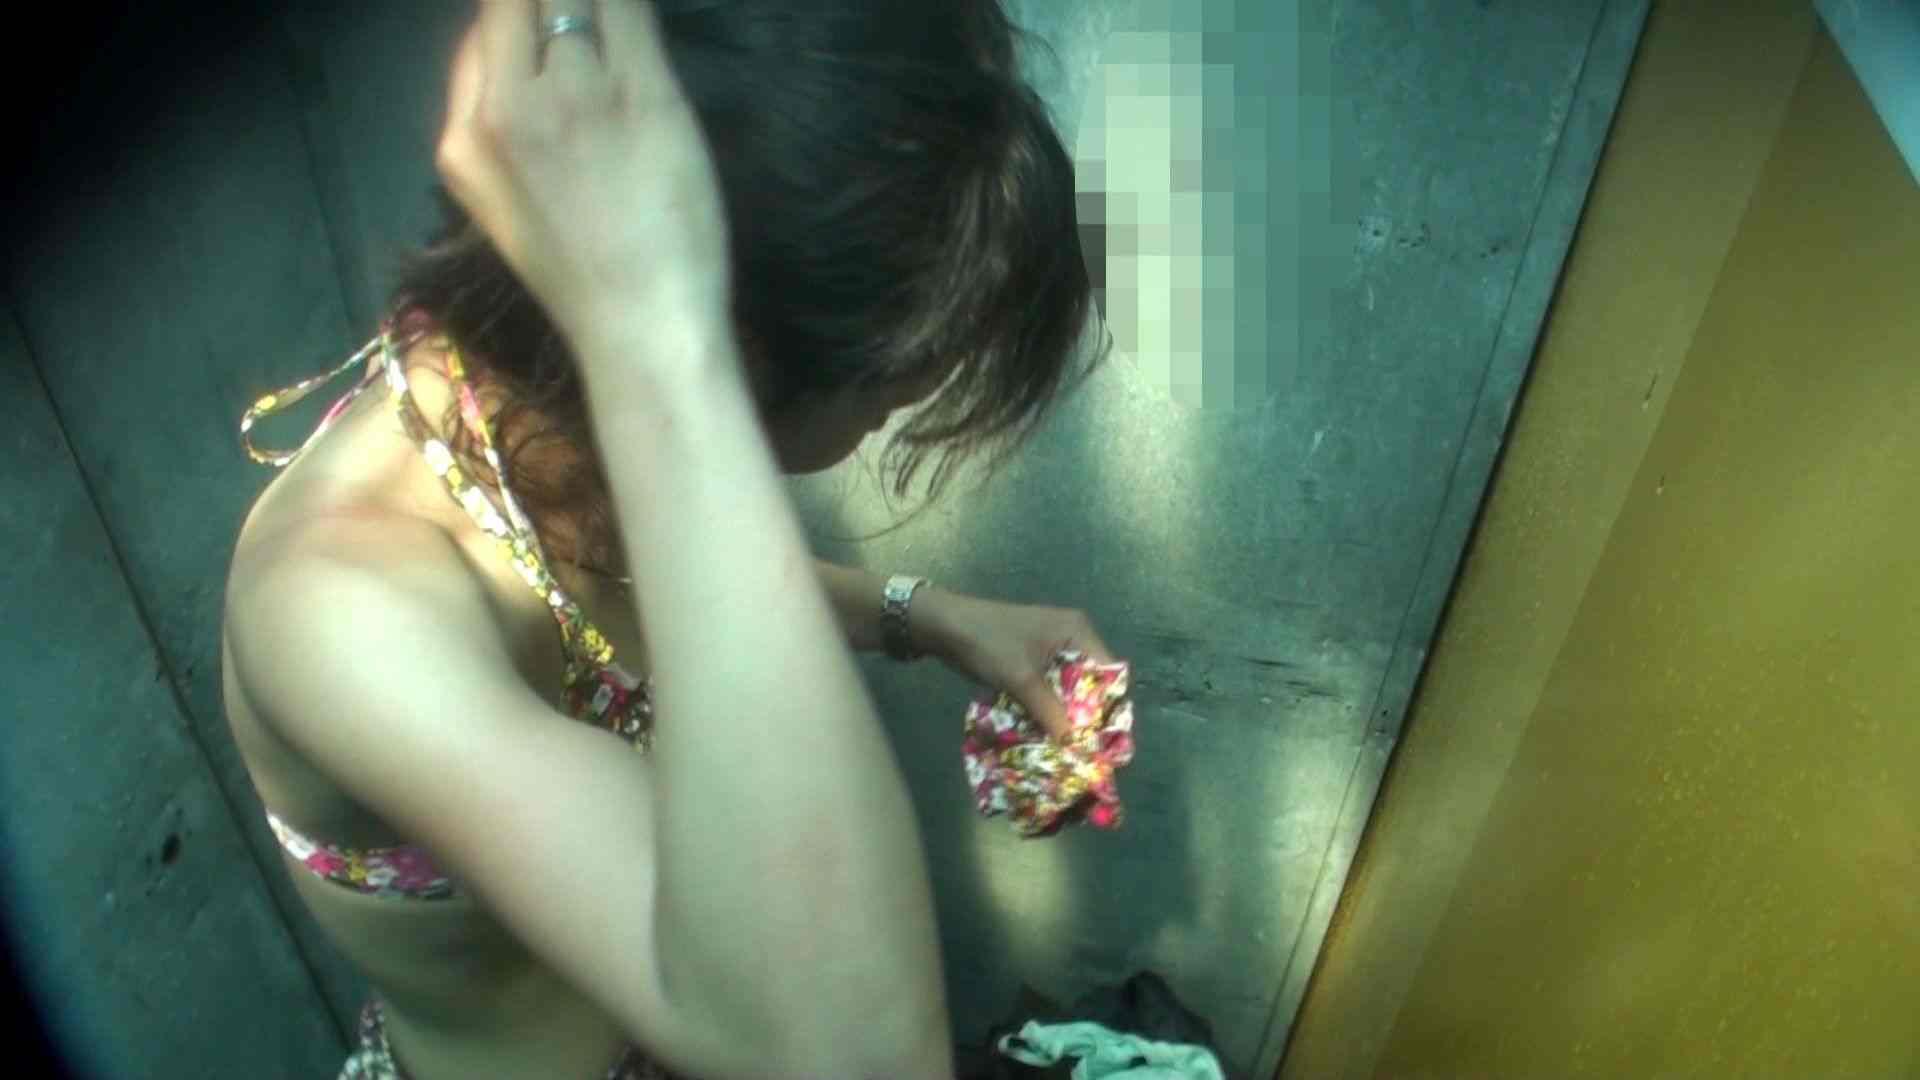 シャワールームは超!!危険な香りVol.16 意外に乳首は年増のそれ 高画質モード セックス画像 105画像 59